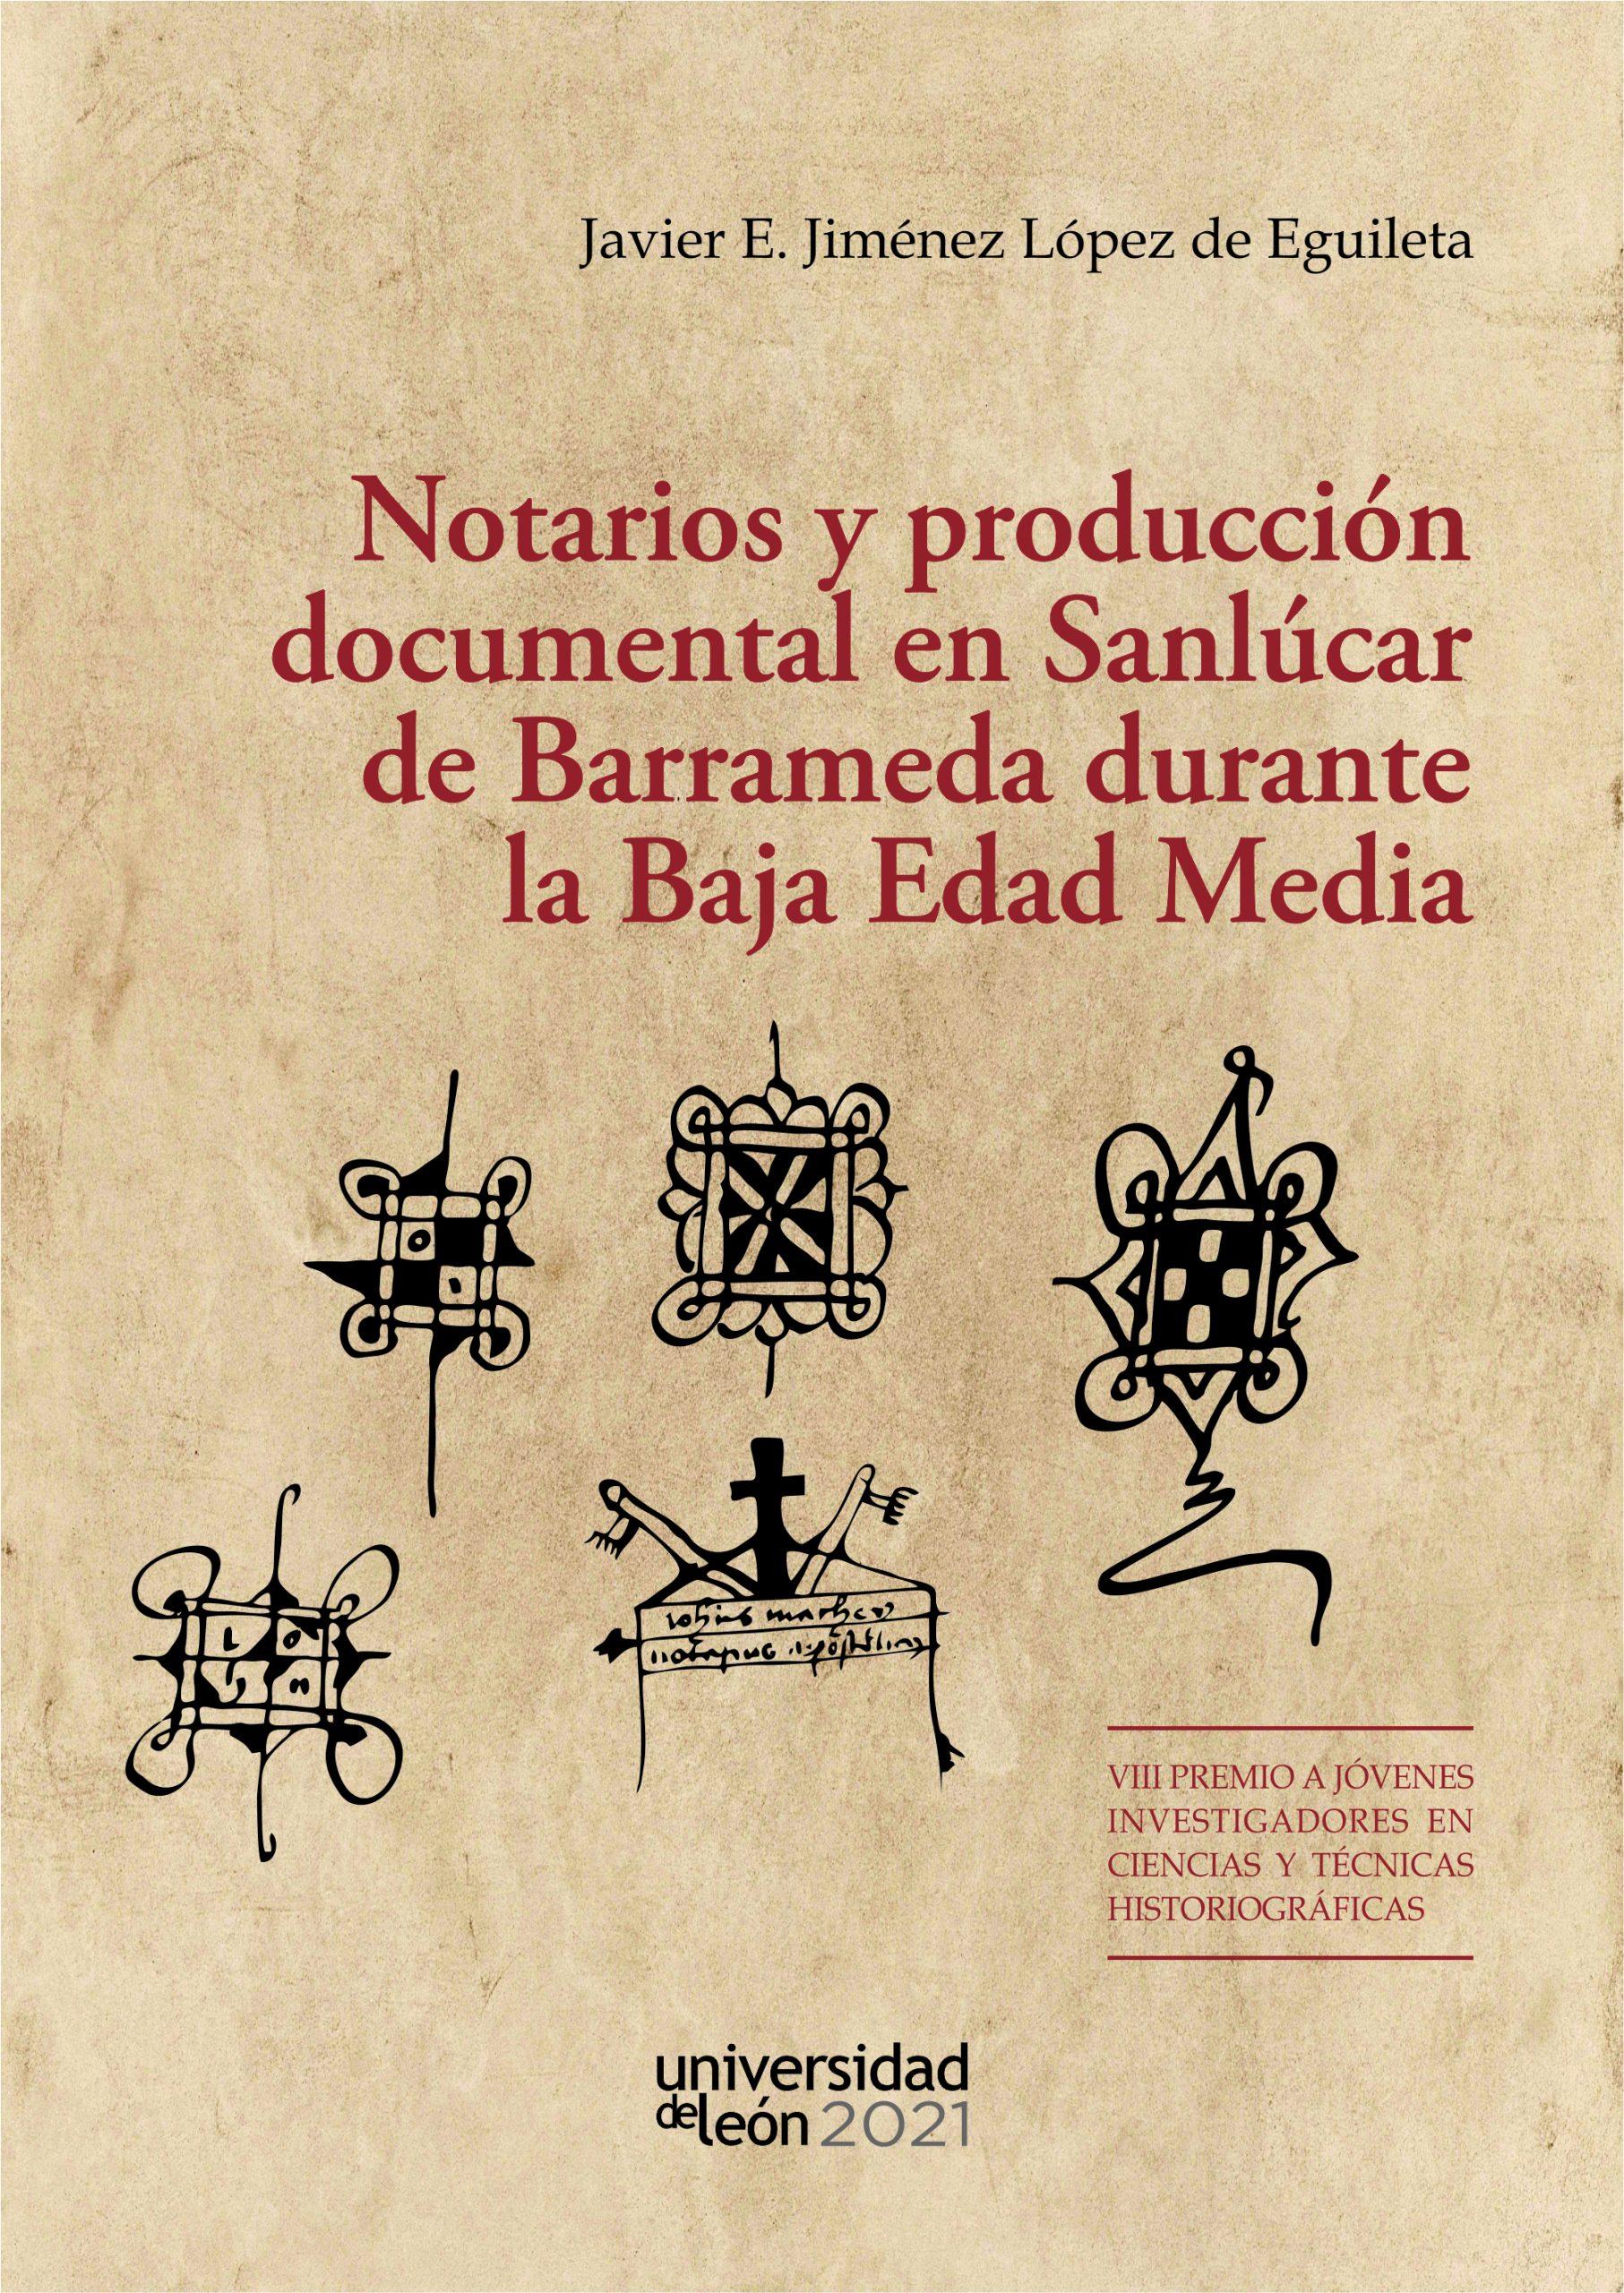 Publicación de libro del profesor Javier E. Jiménez López de Eguileta: Notarios y producción docu...